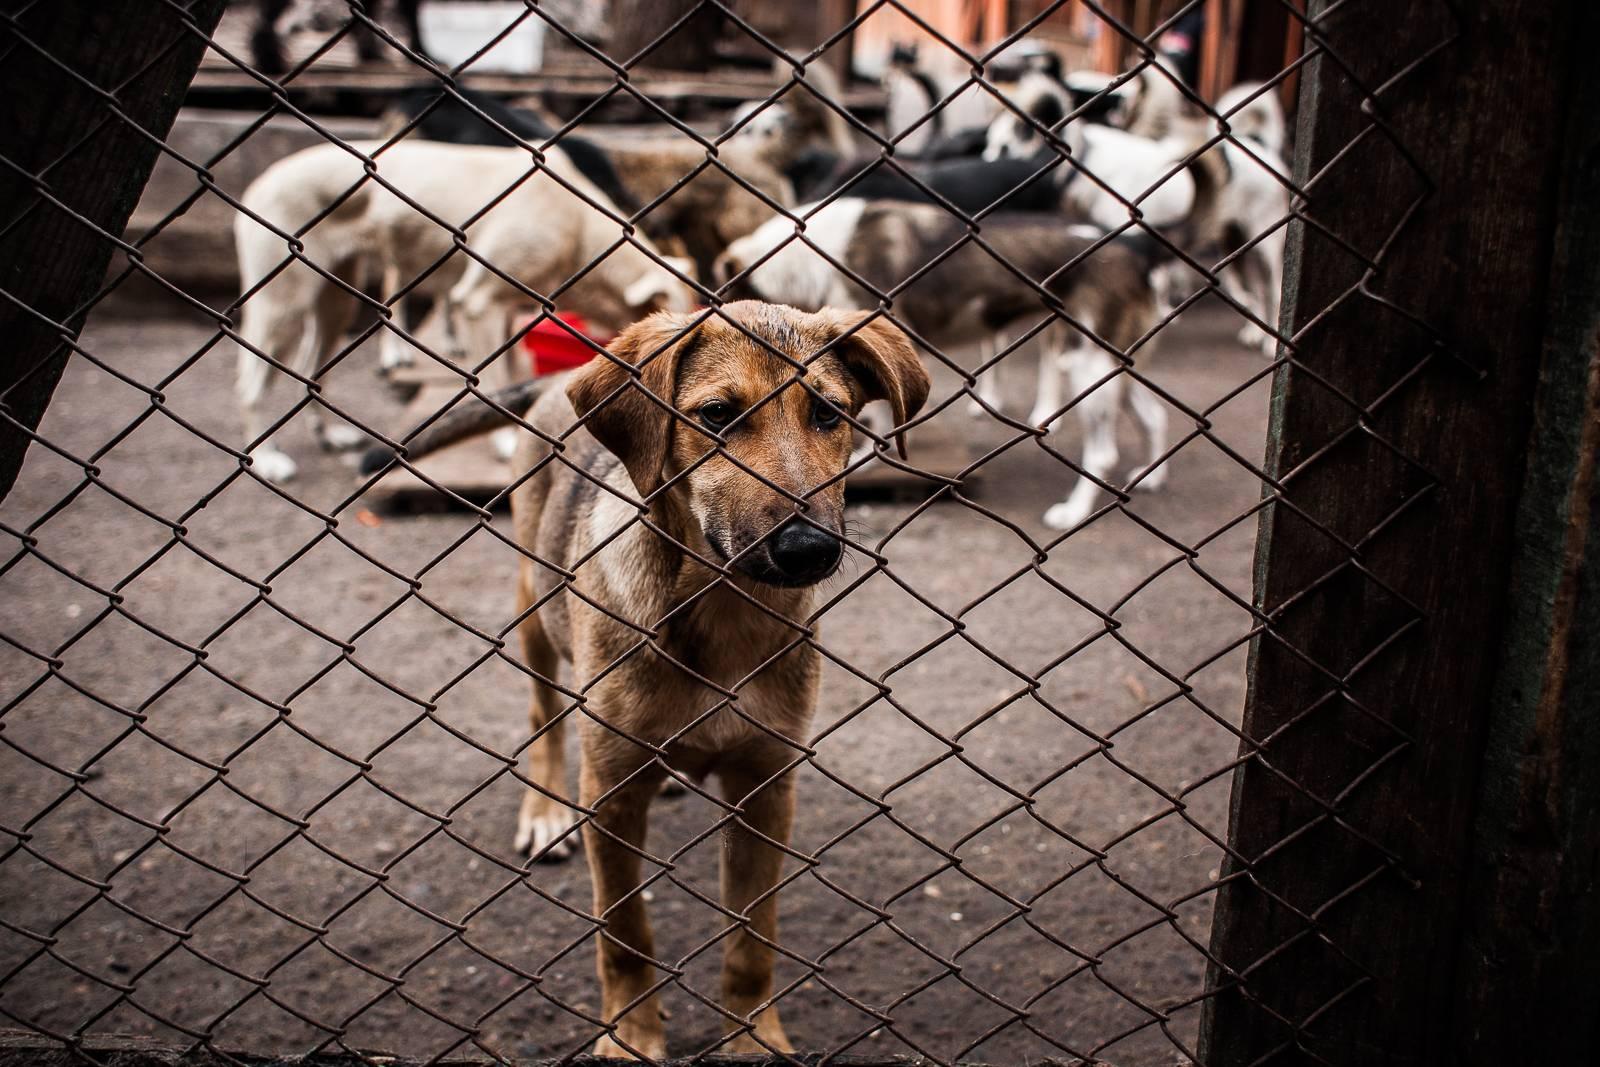 Усыплять или отпускать: в госдуме и оп решают проблему бродячих собак // нтв.ru